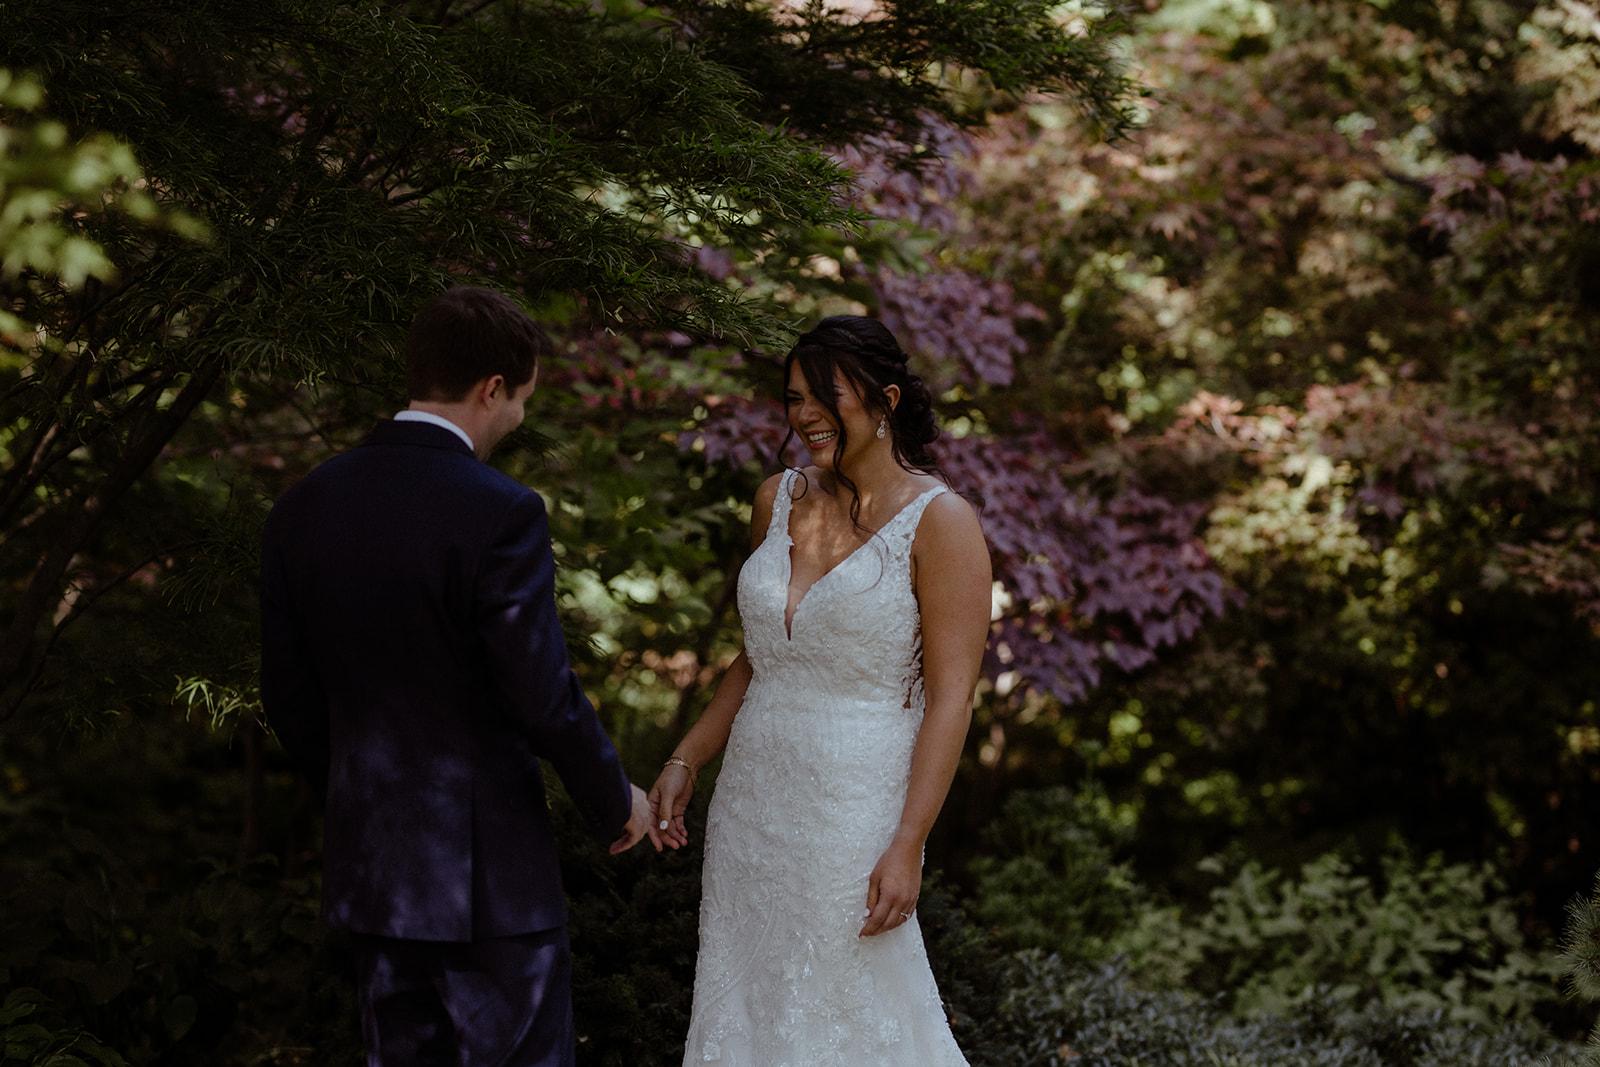 cleveland botanical garden wedding - chris + katie 80